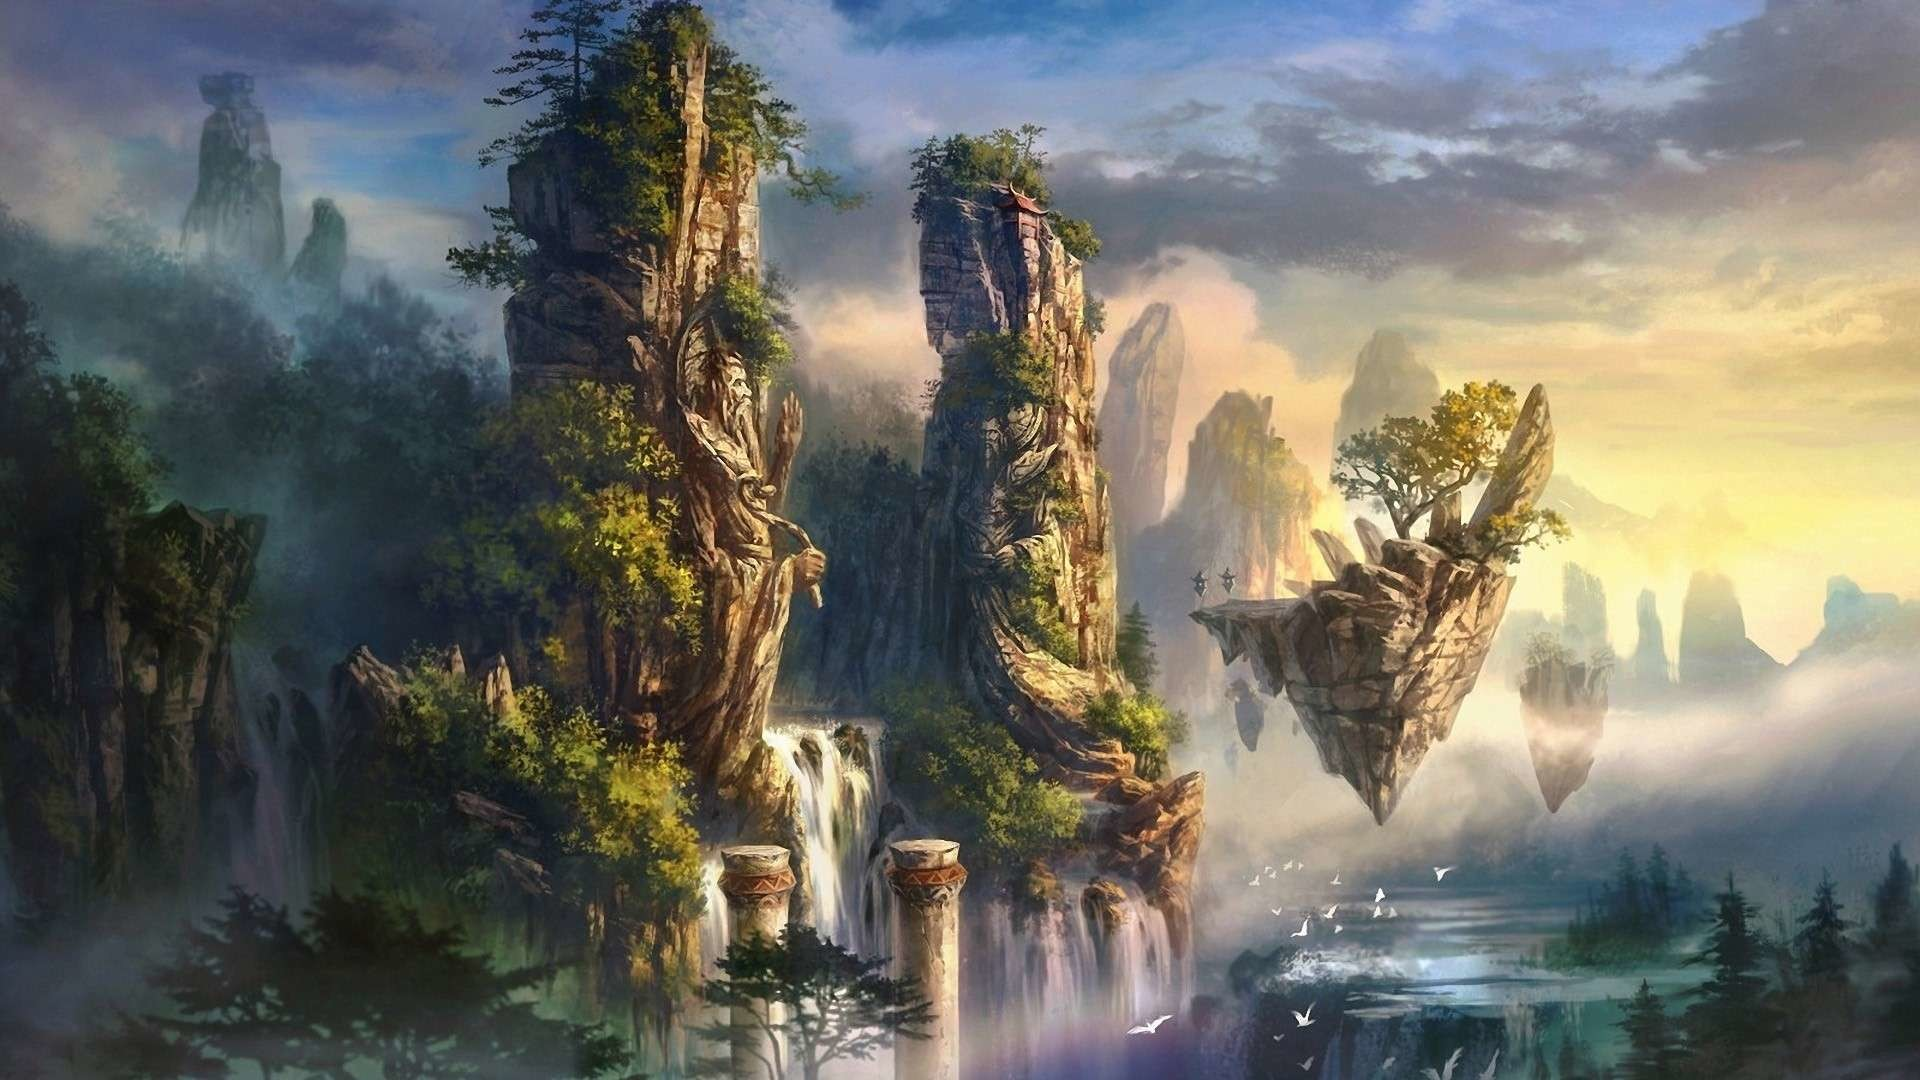 Fantasy Art Backgrounds (79+ Images